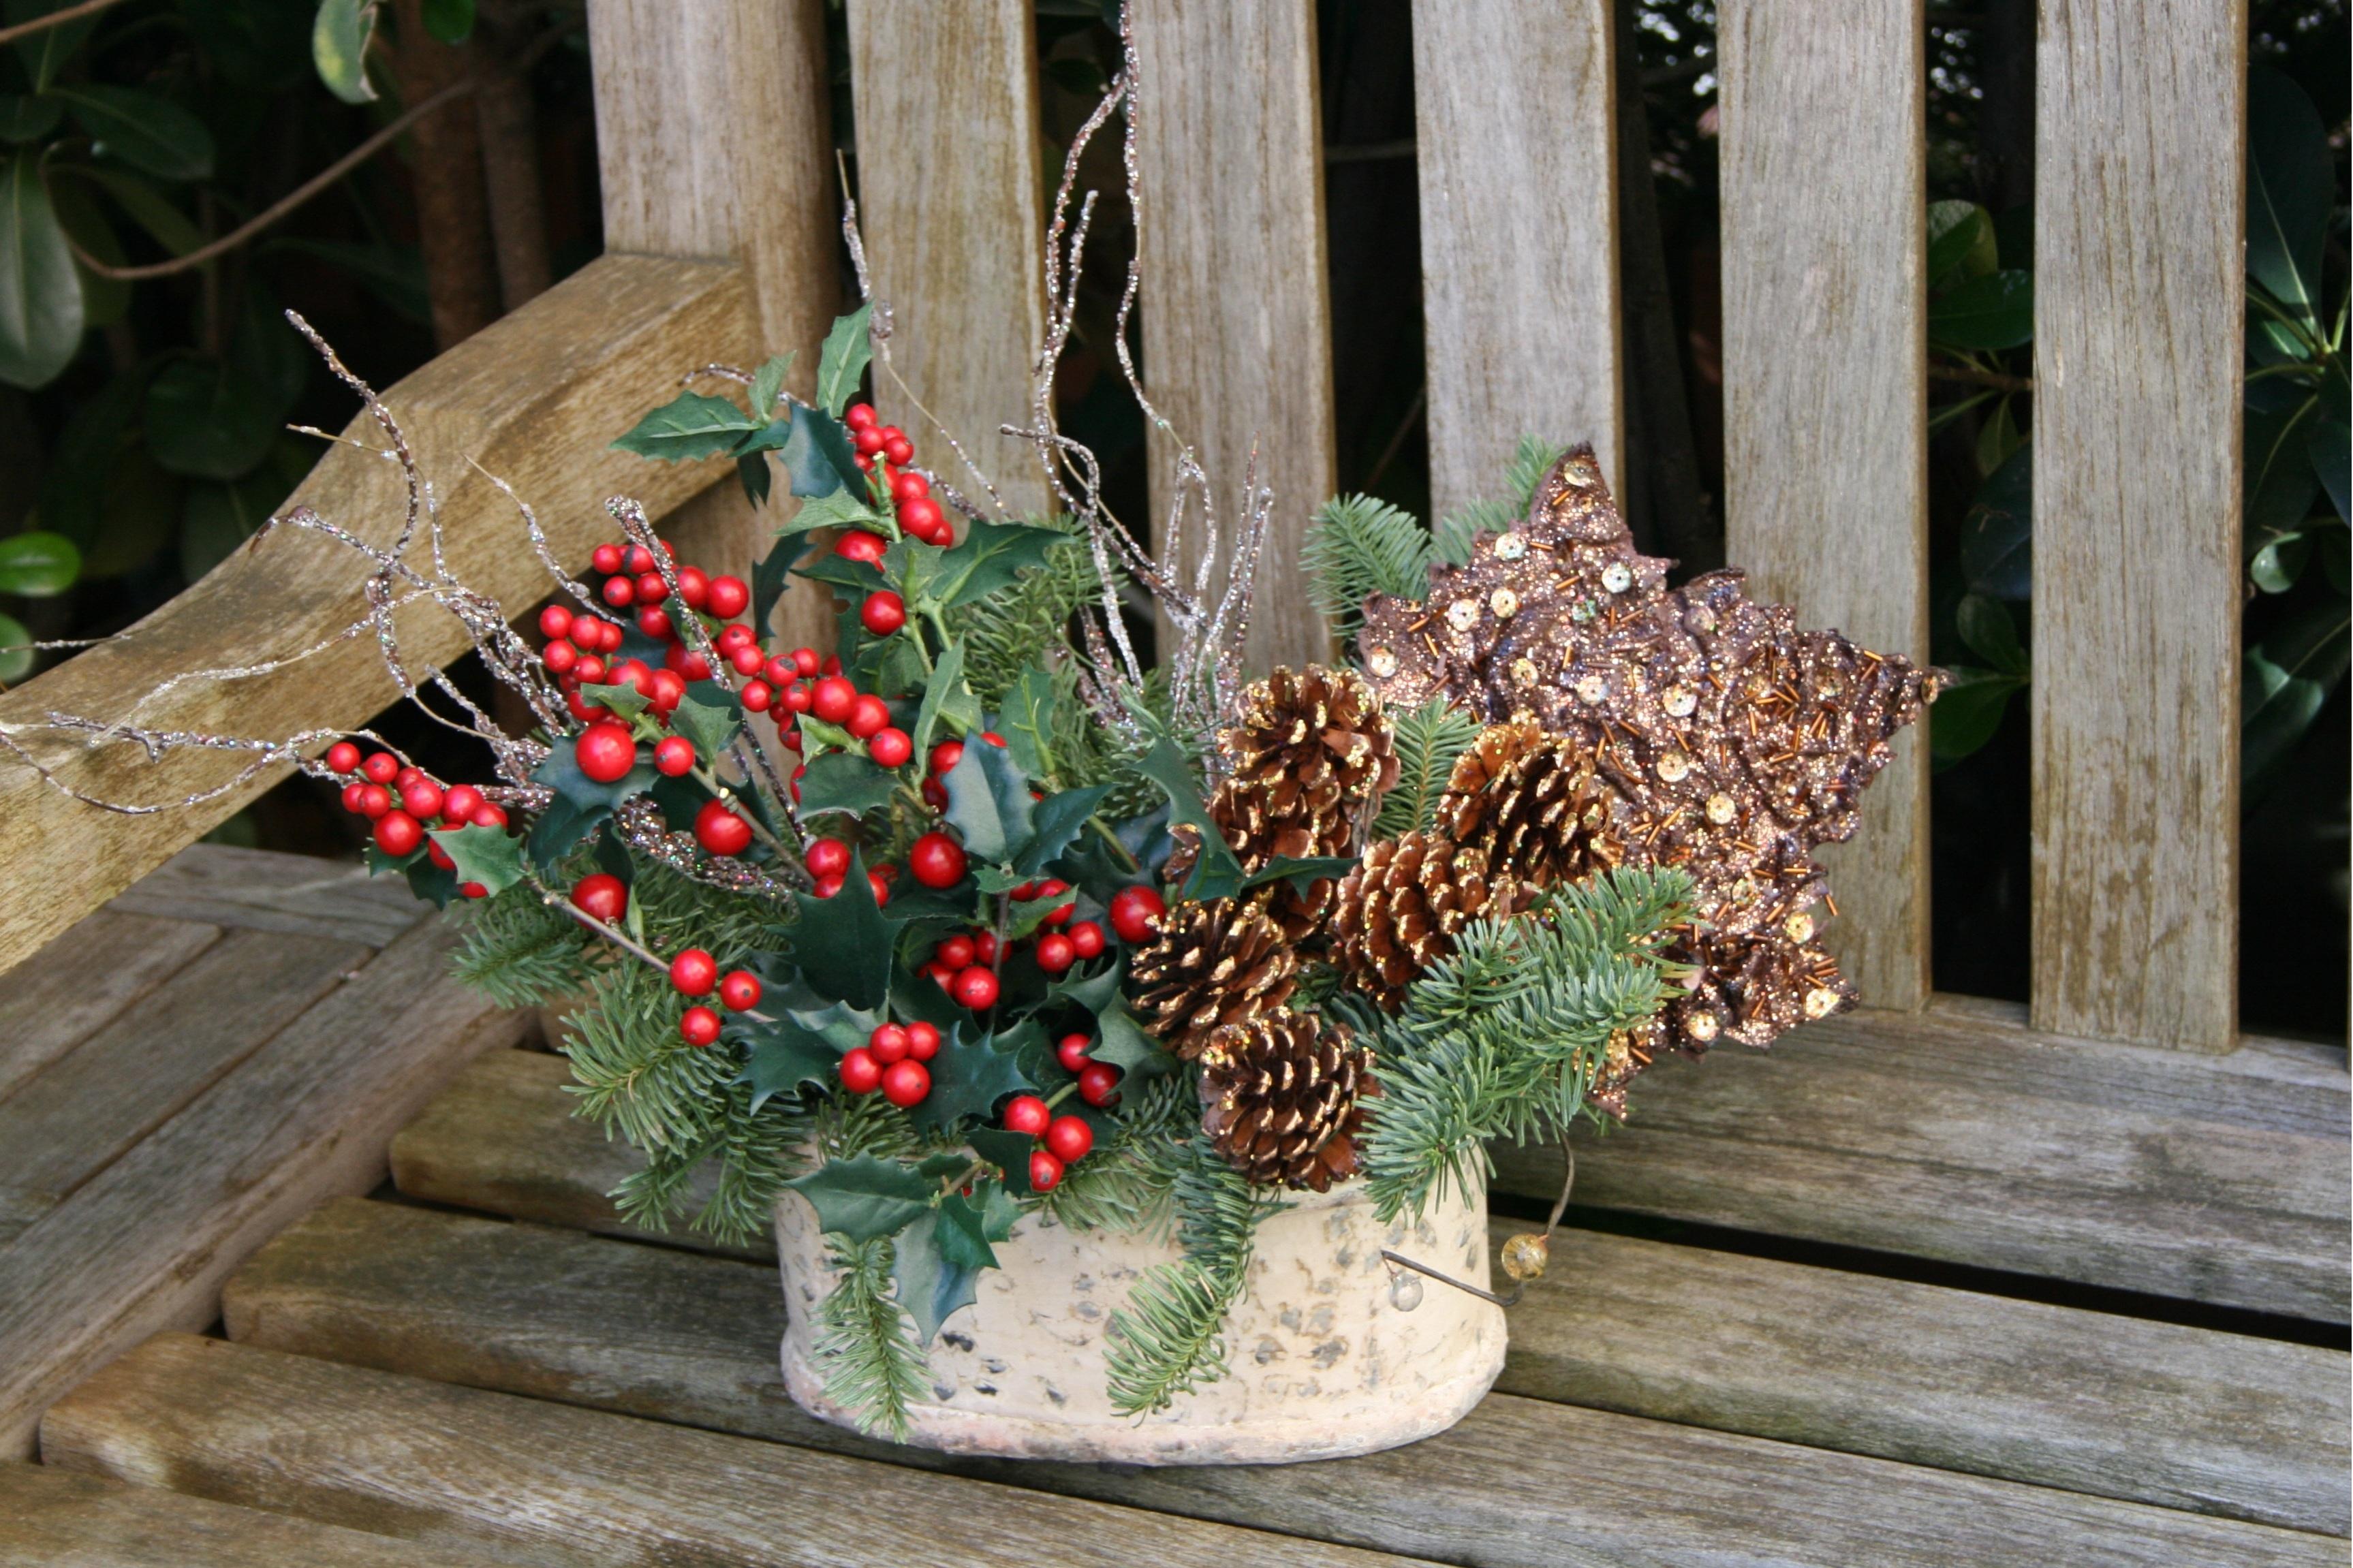 Centros navide os muy asequibles el blog de fiore for Centros navidenos